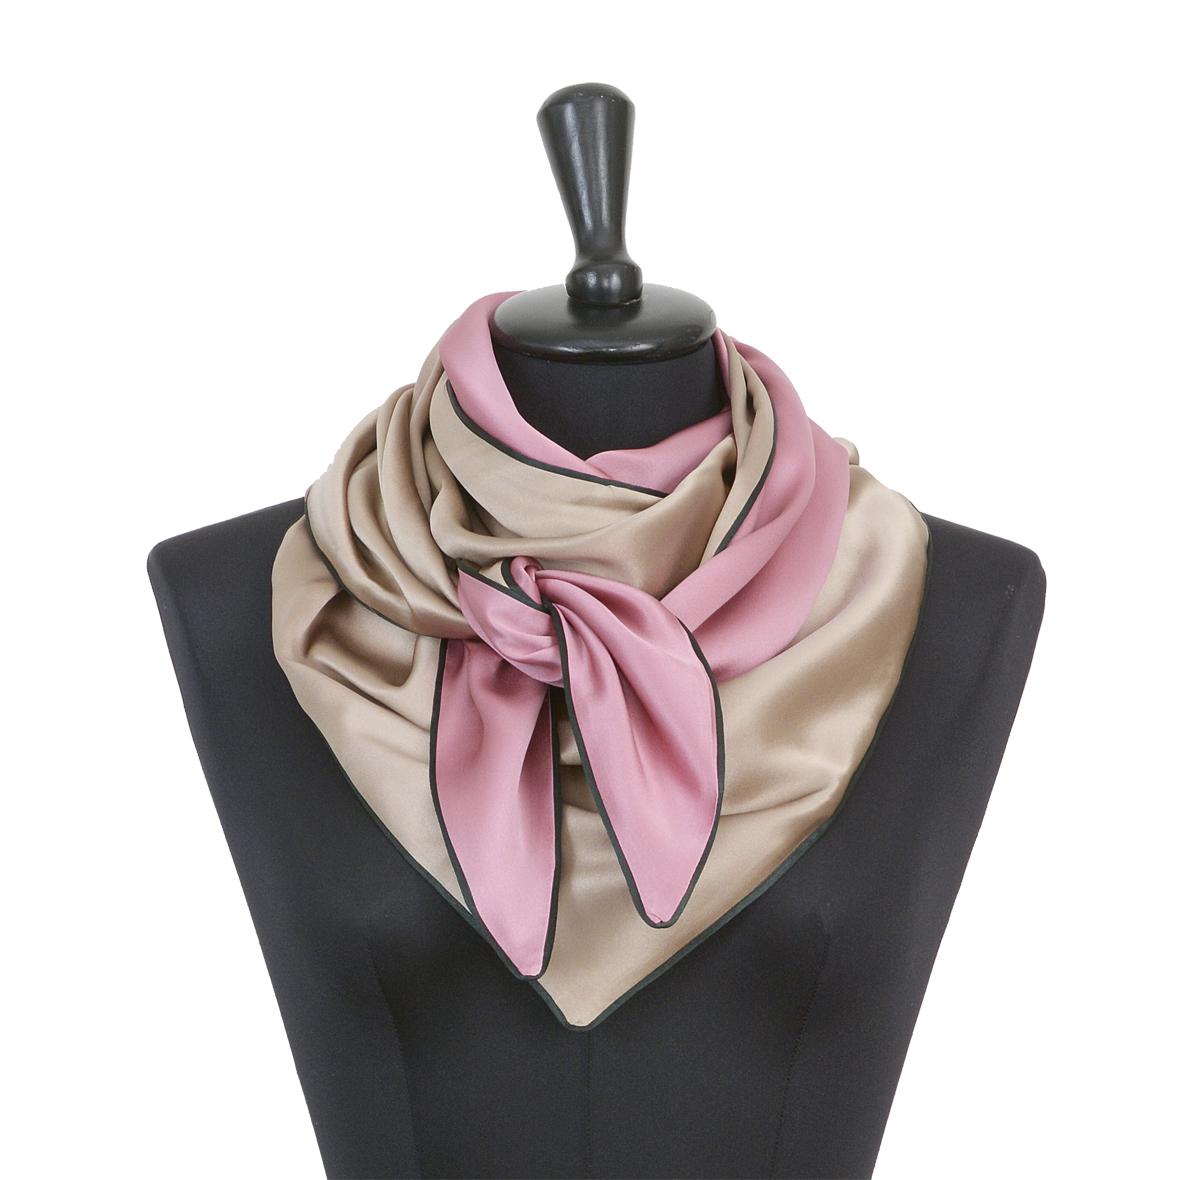 Souze Seidenschal Moitié-Carré, beige rosa